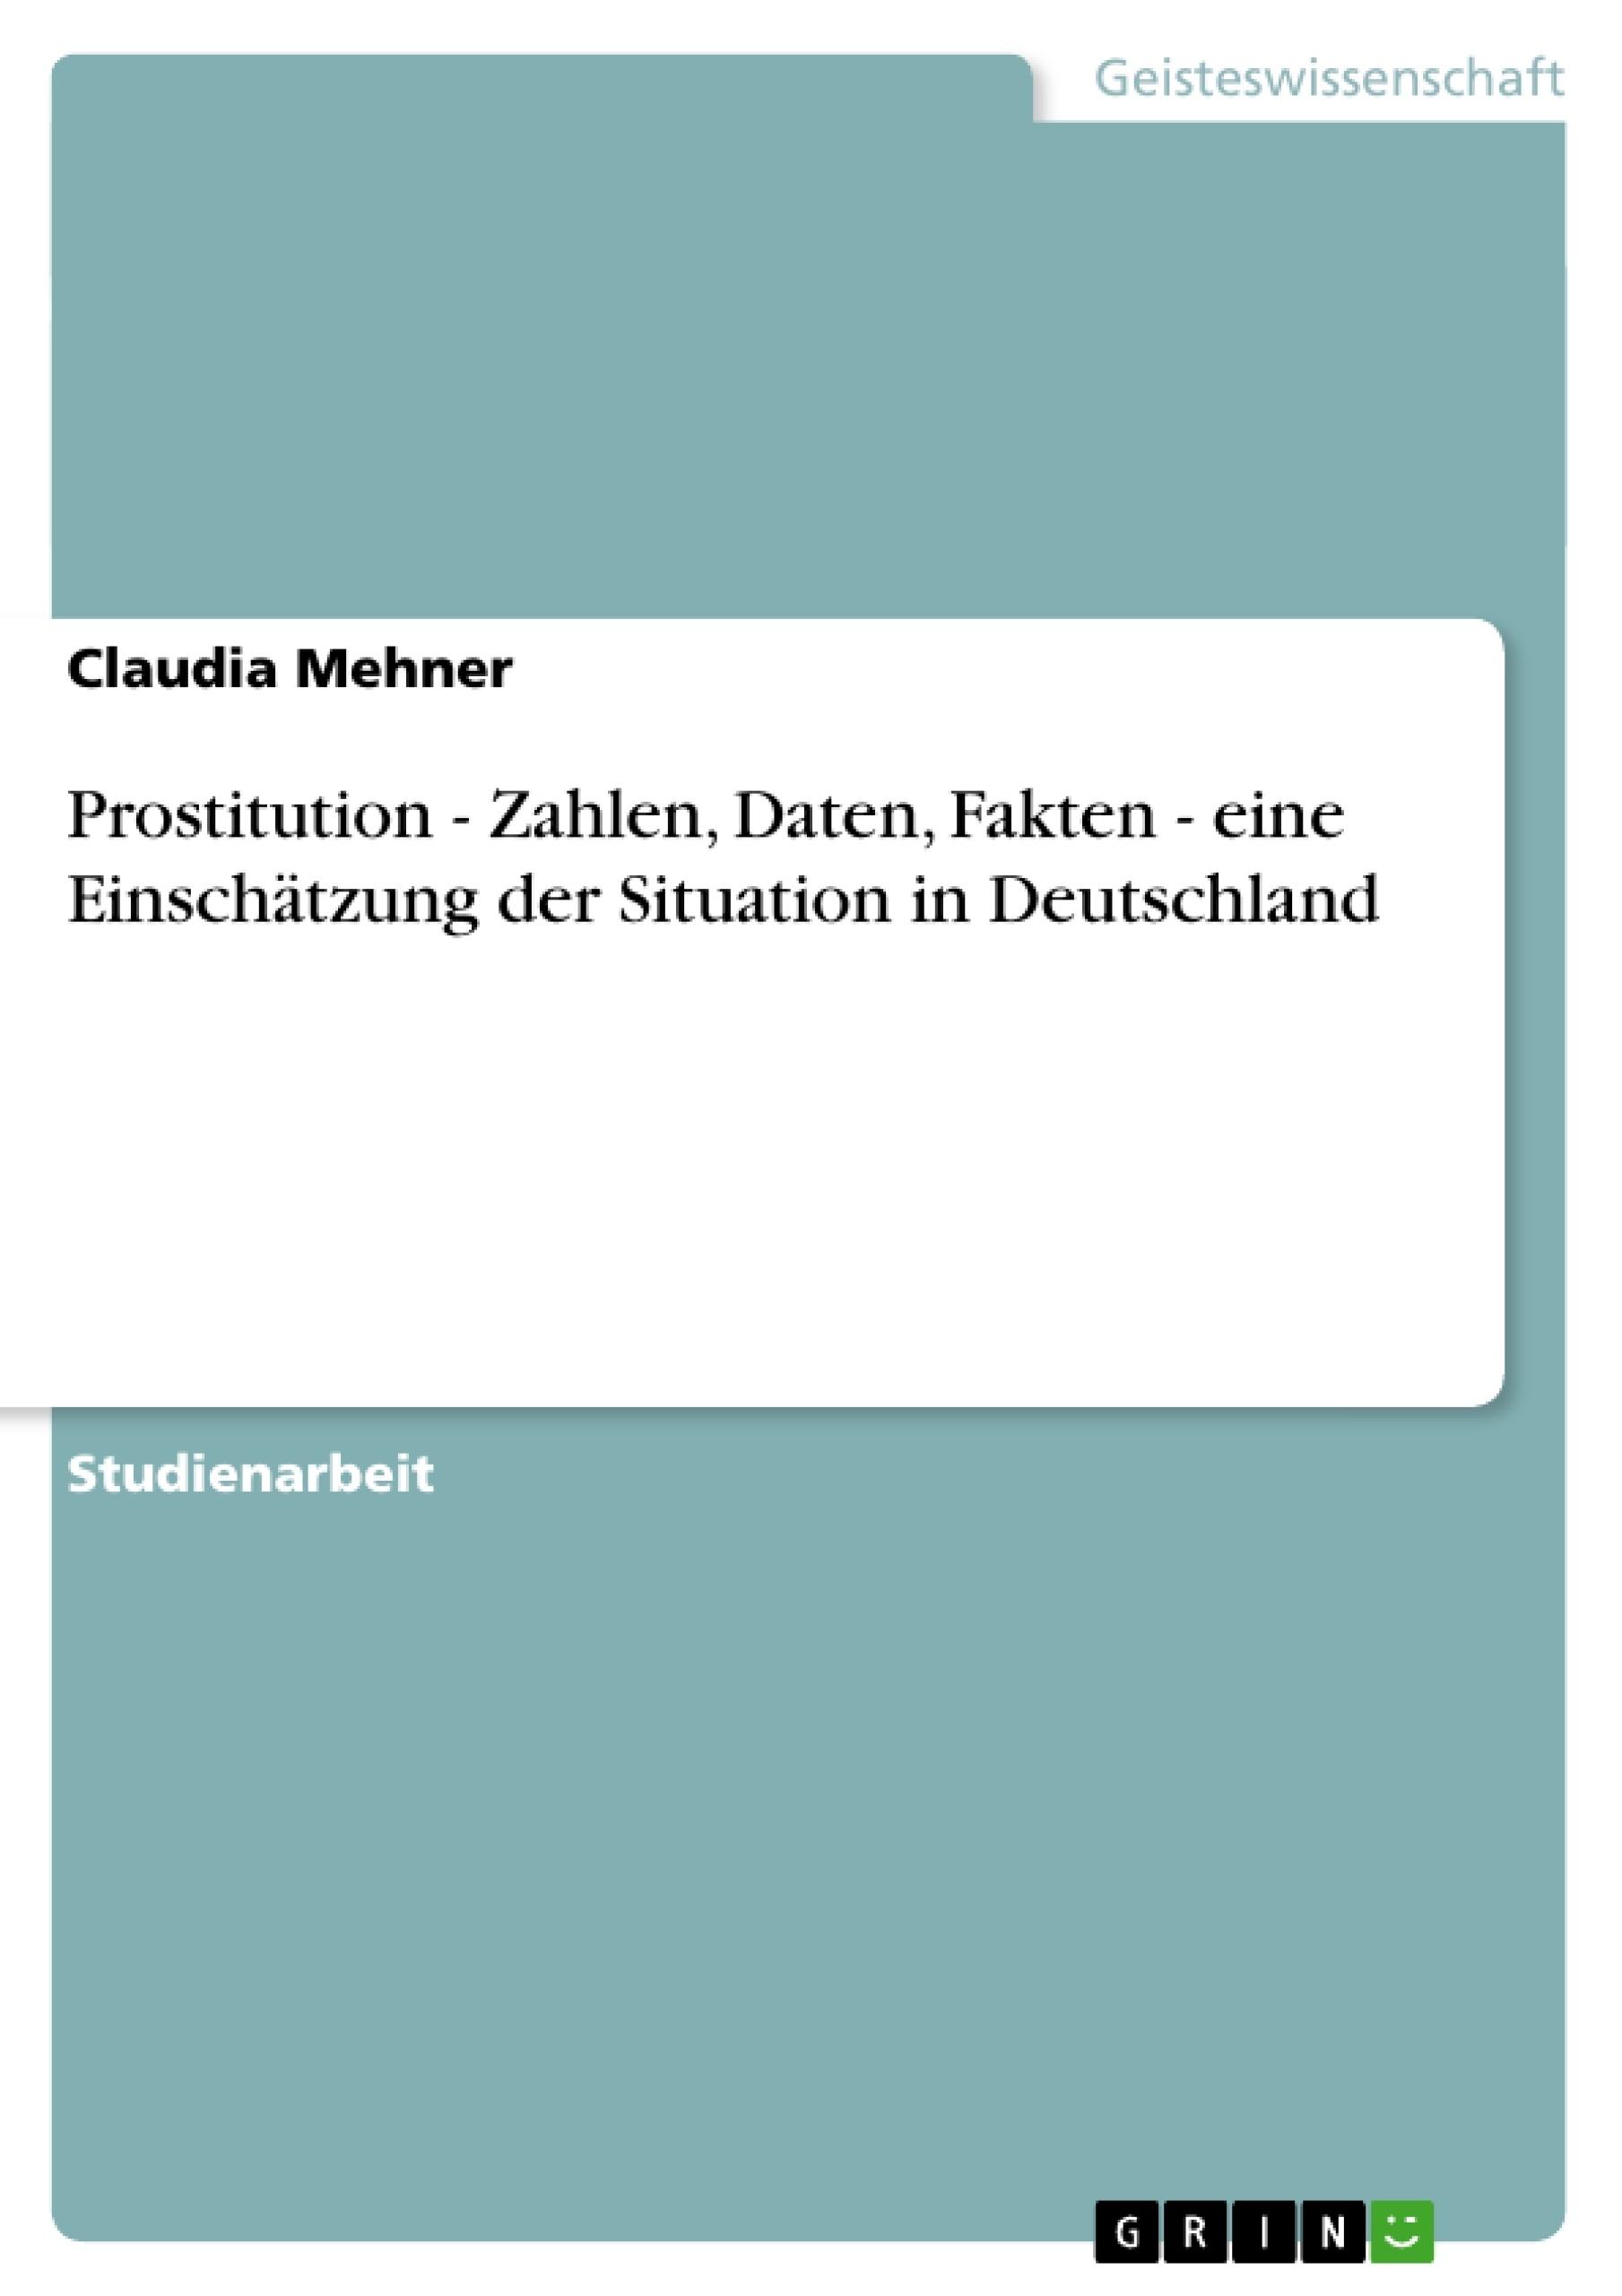 Titel: Prostitution - Zahlen, Daten, Fakten - eine Einschätzung der Situation in Deutschland